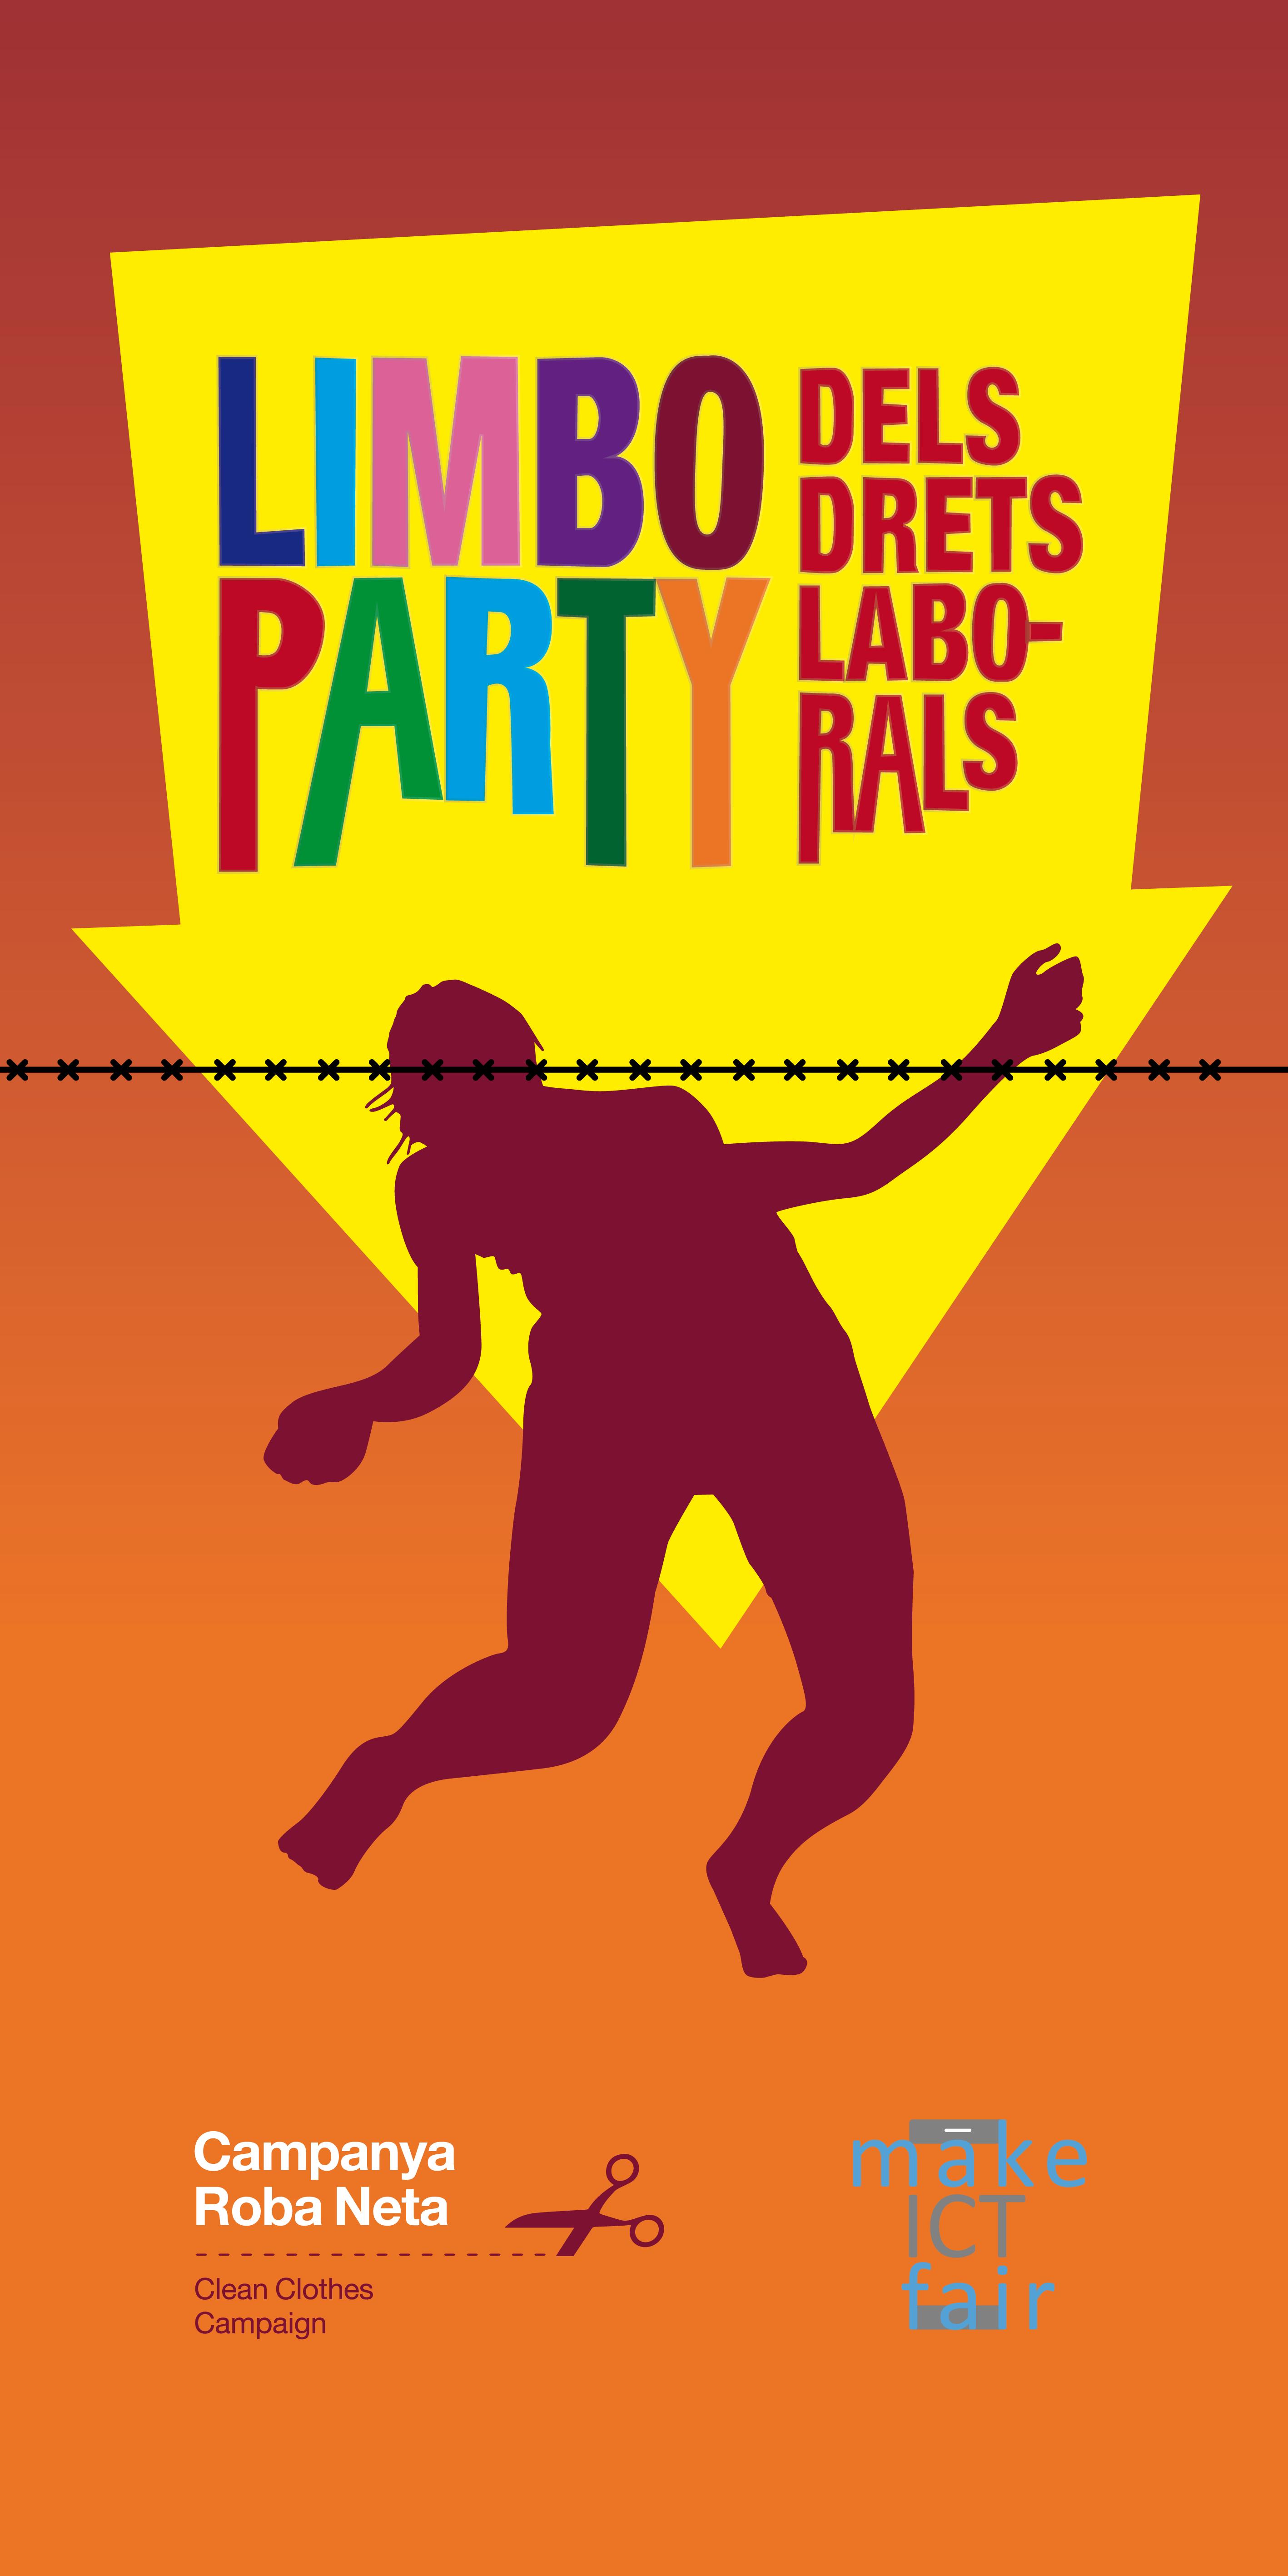 La Limbo Party dels drets laborals: la lluita contra el Black Friday al carrer